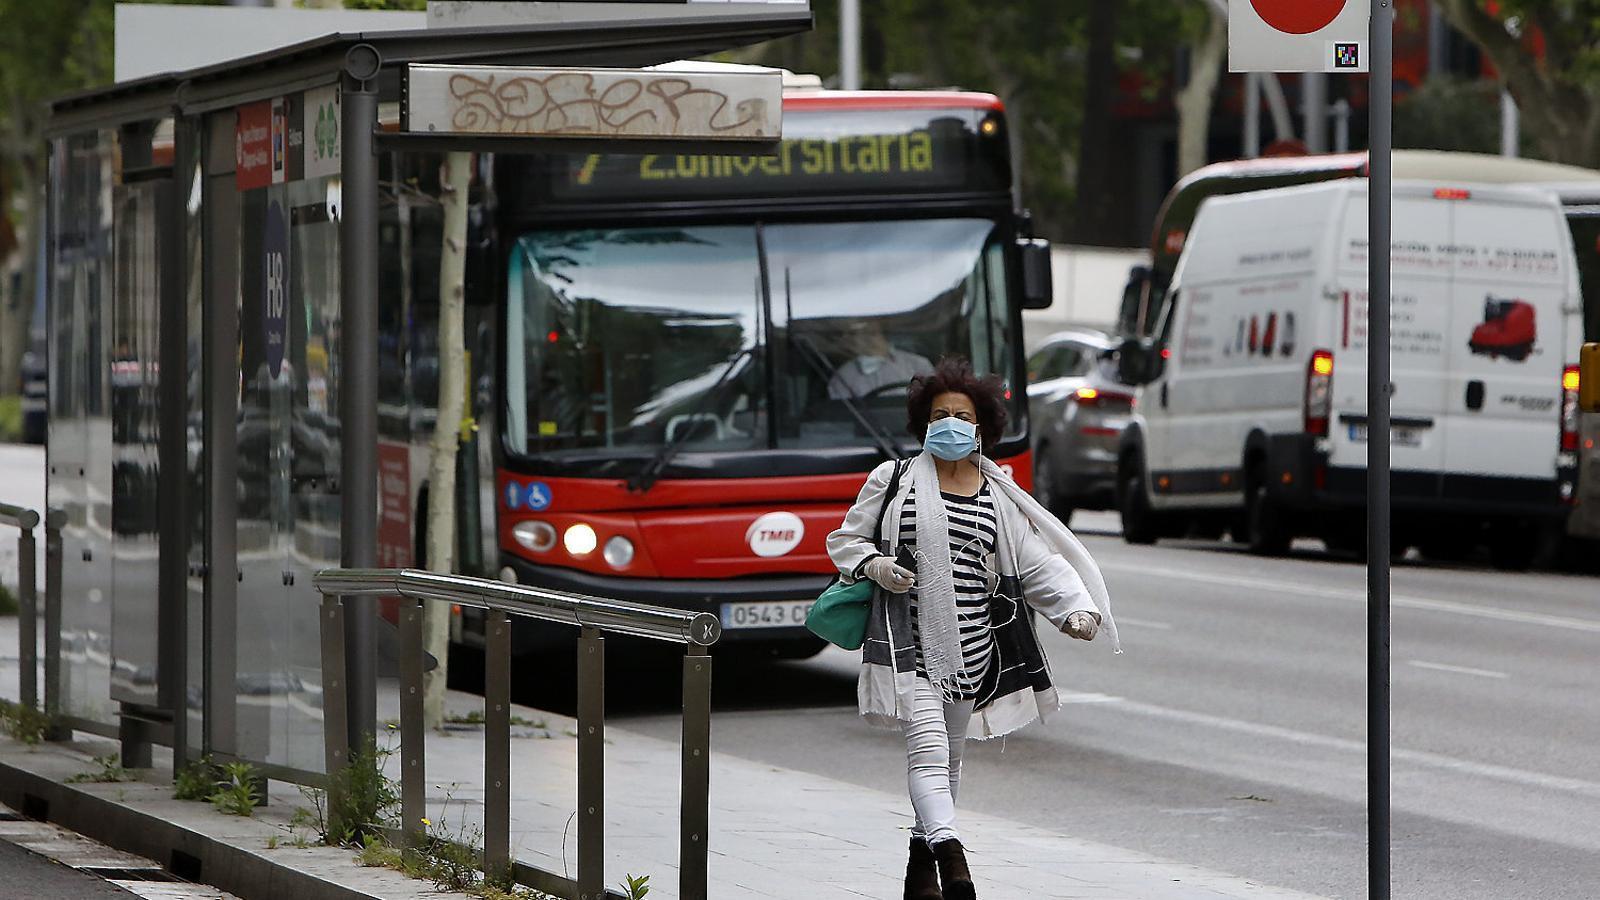 La tornada a classe: un examen per al transport públic